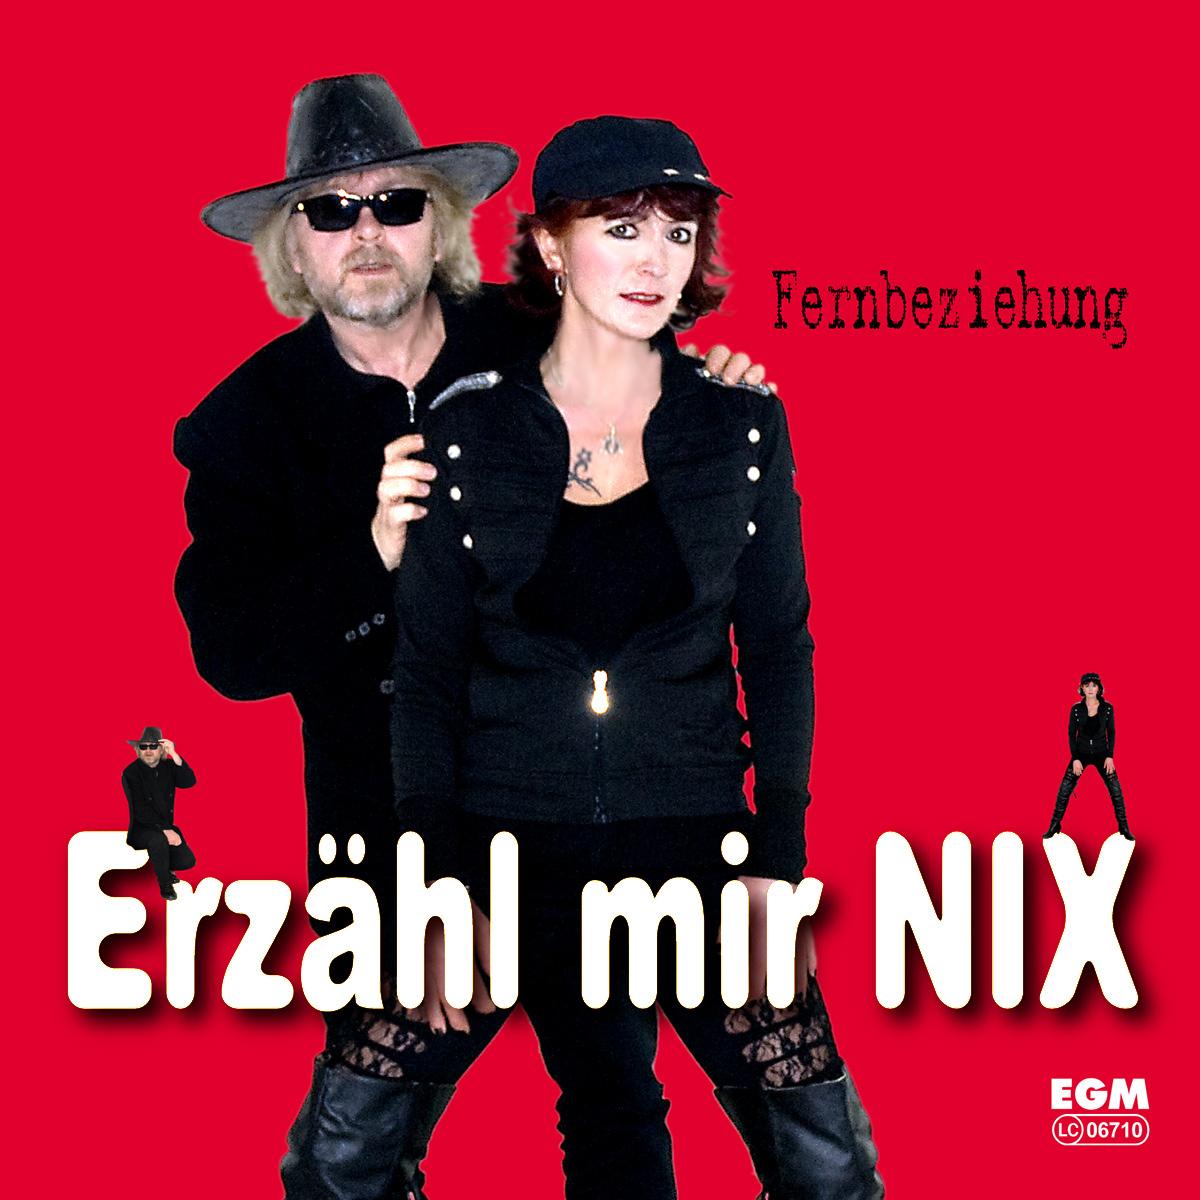 Cover - Erzähl mir nix - Fernbeziehung-weis-2